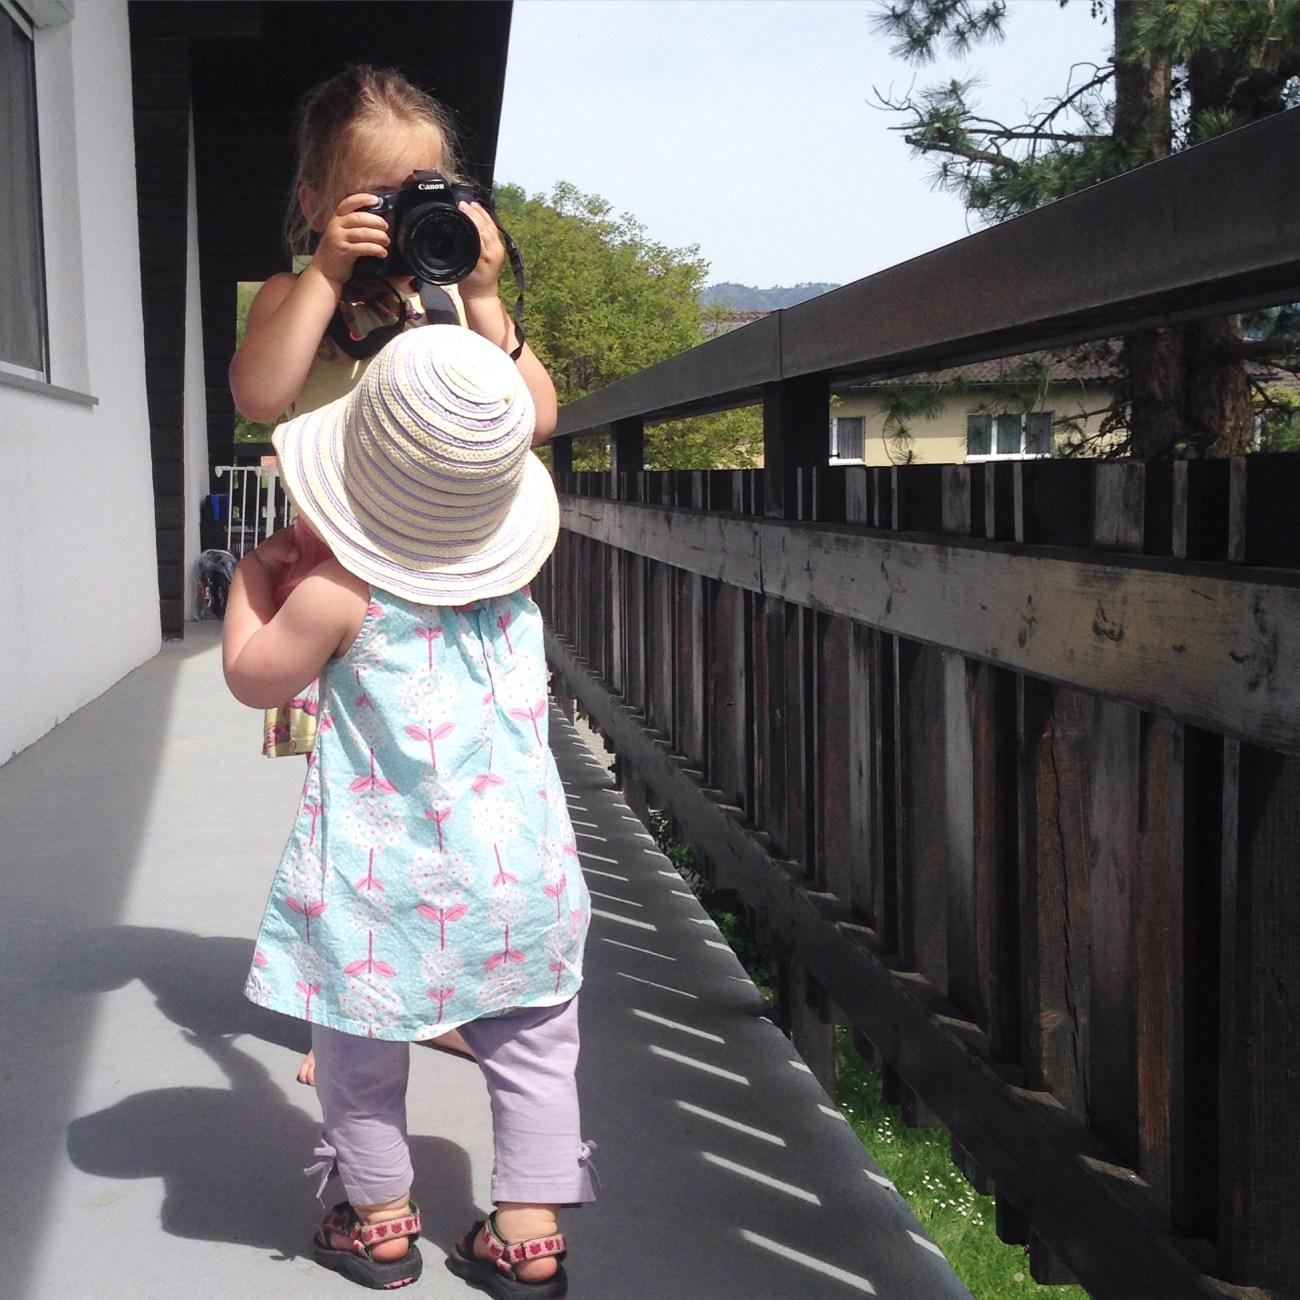 Onze fotograaf!